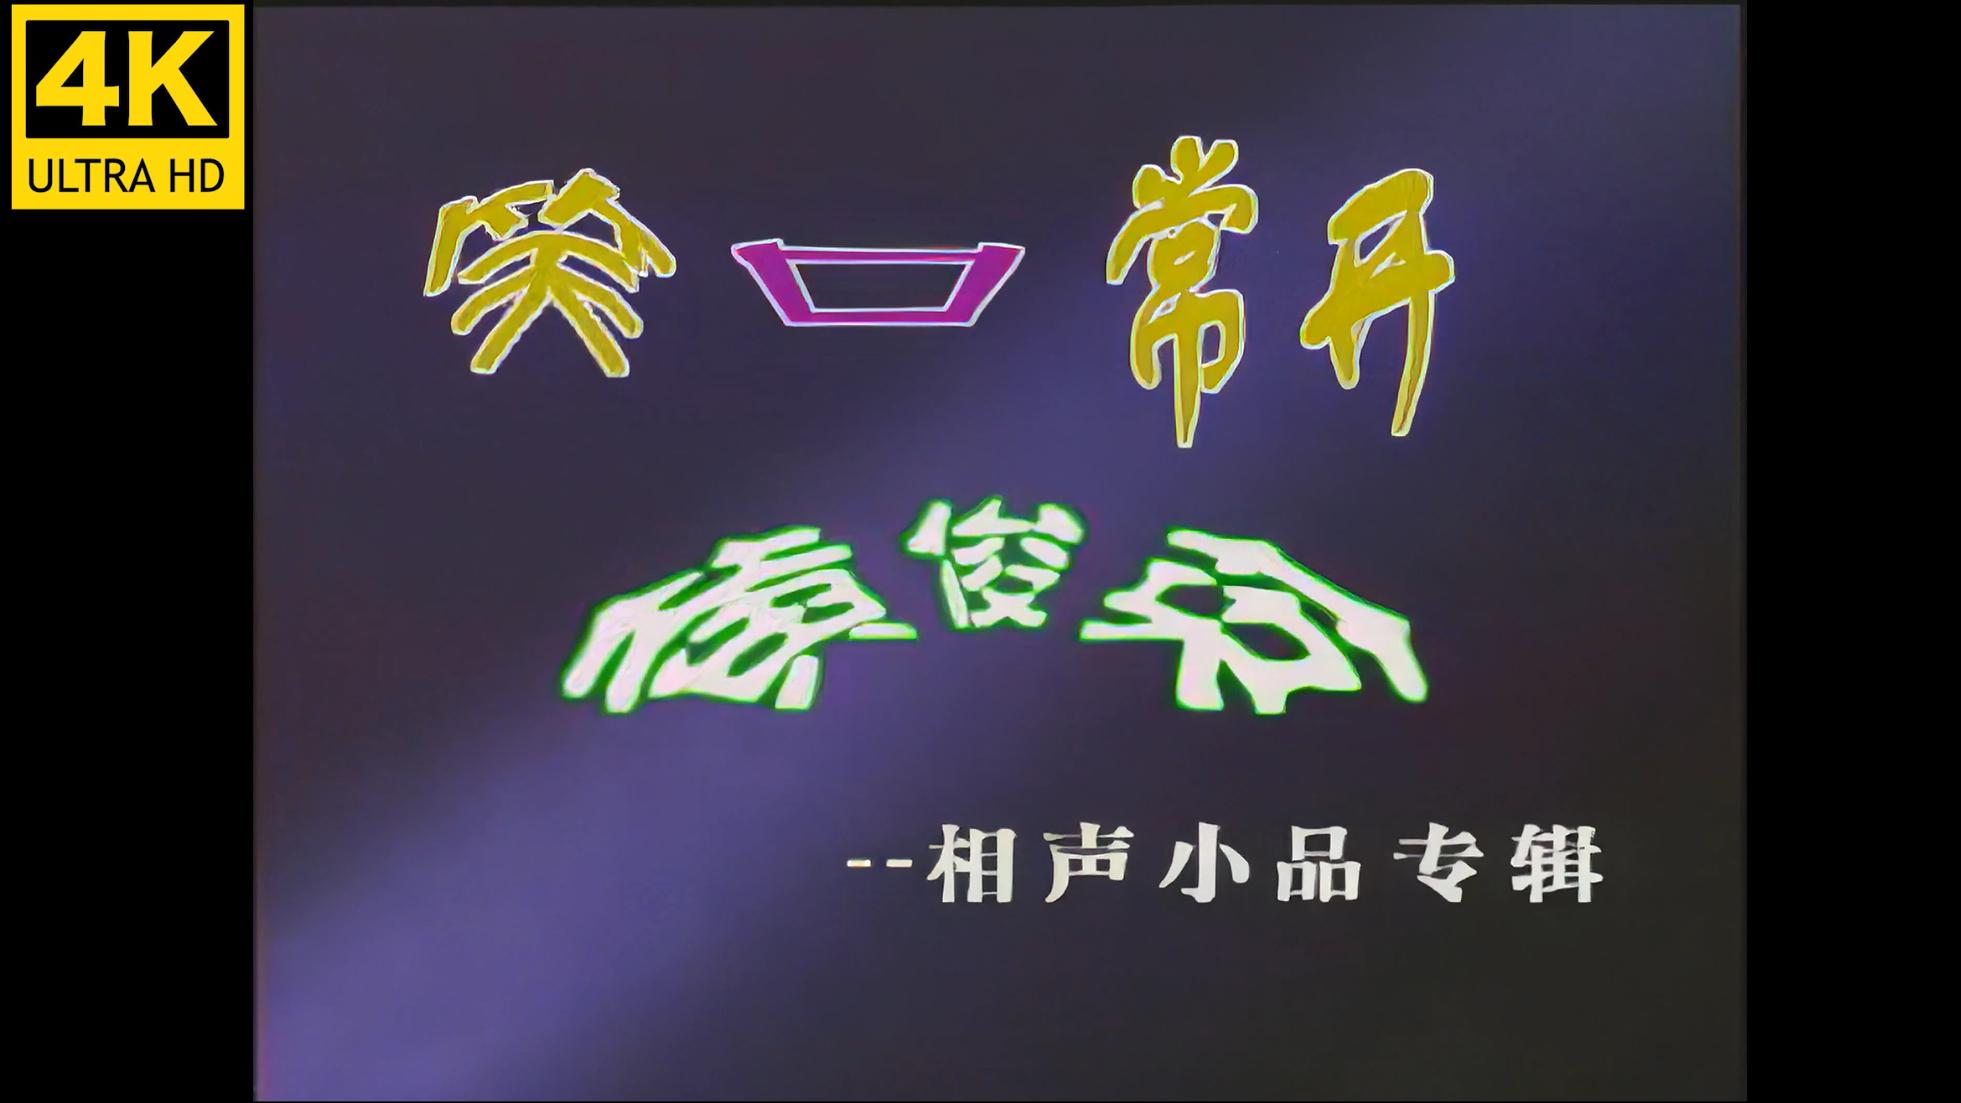 【4kai修复60帧】黄俊英老师相声合集7集【已更新完毕】